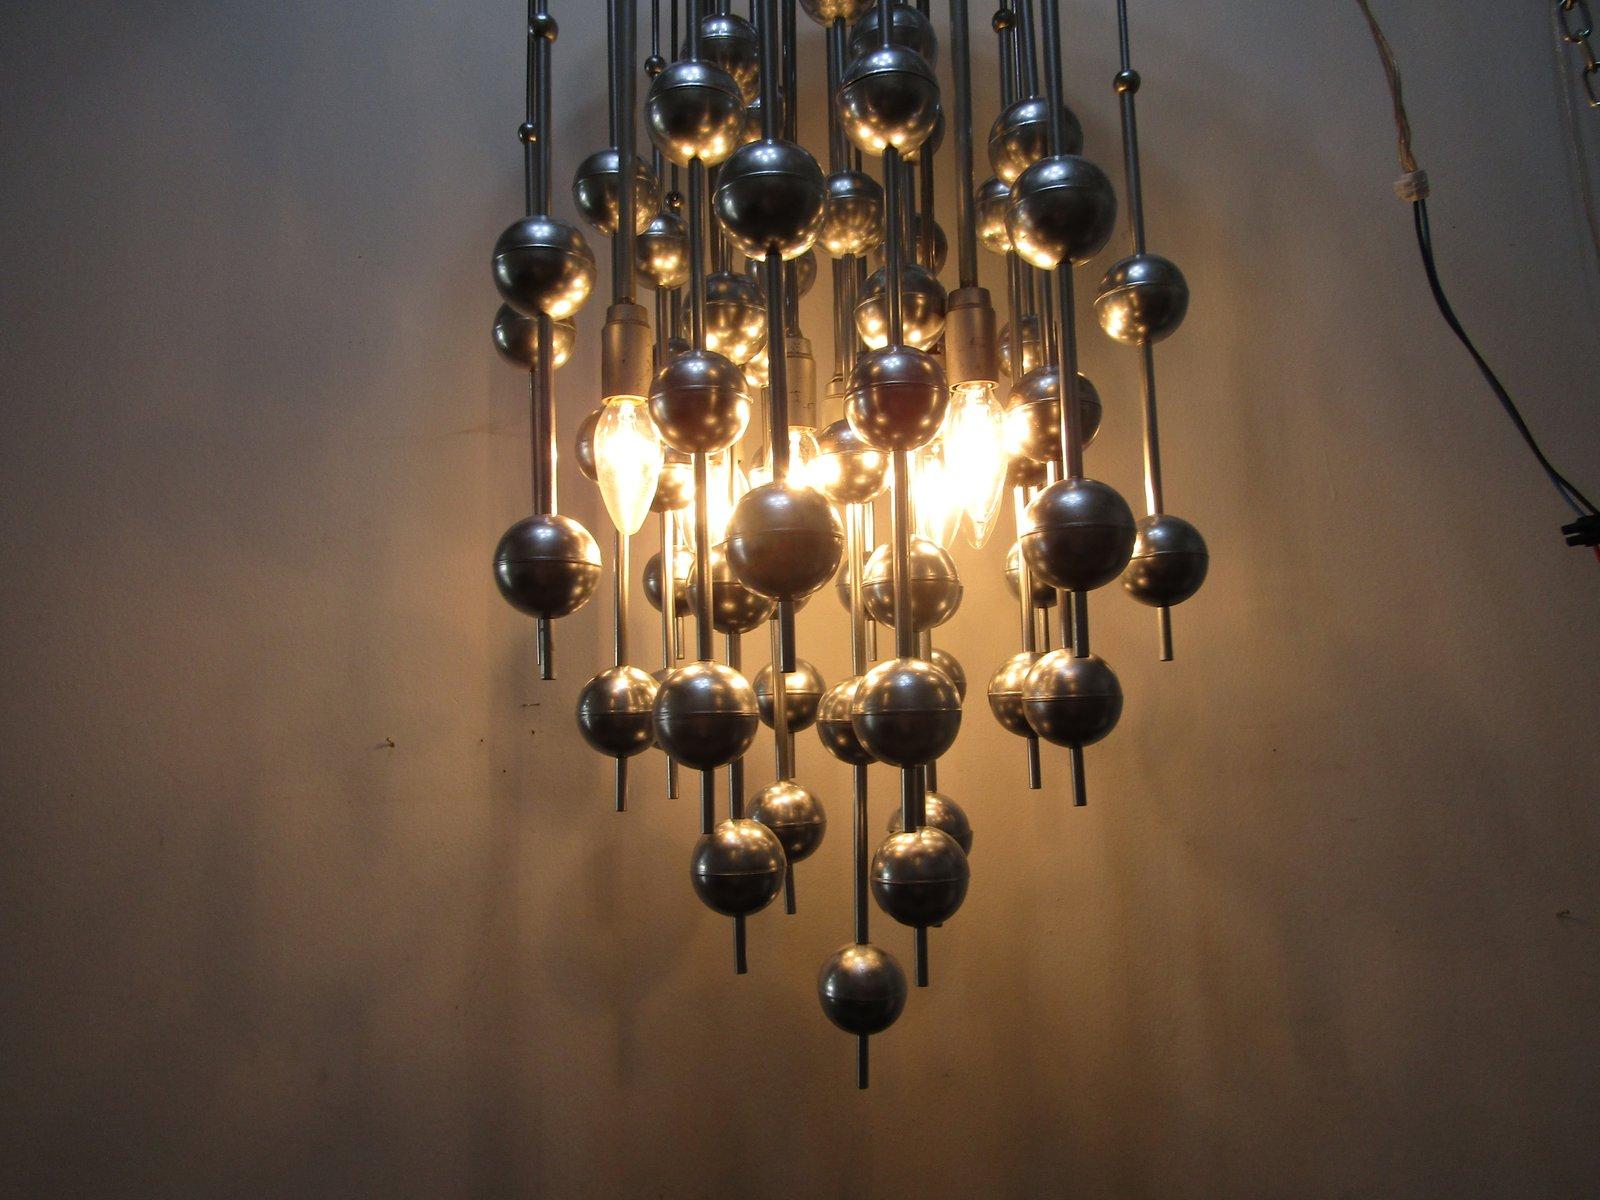 Lampadario Con Sfere Di Cristallo.Lampadari Con Bolle Di Vetro Acquista Lampadari In Stile Moderno